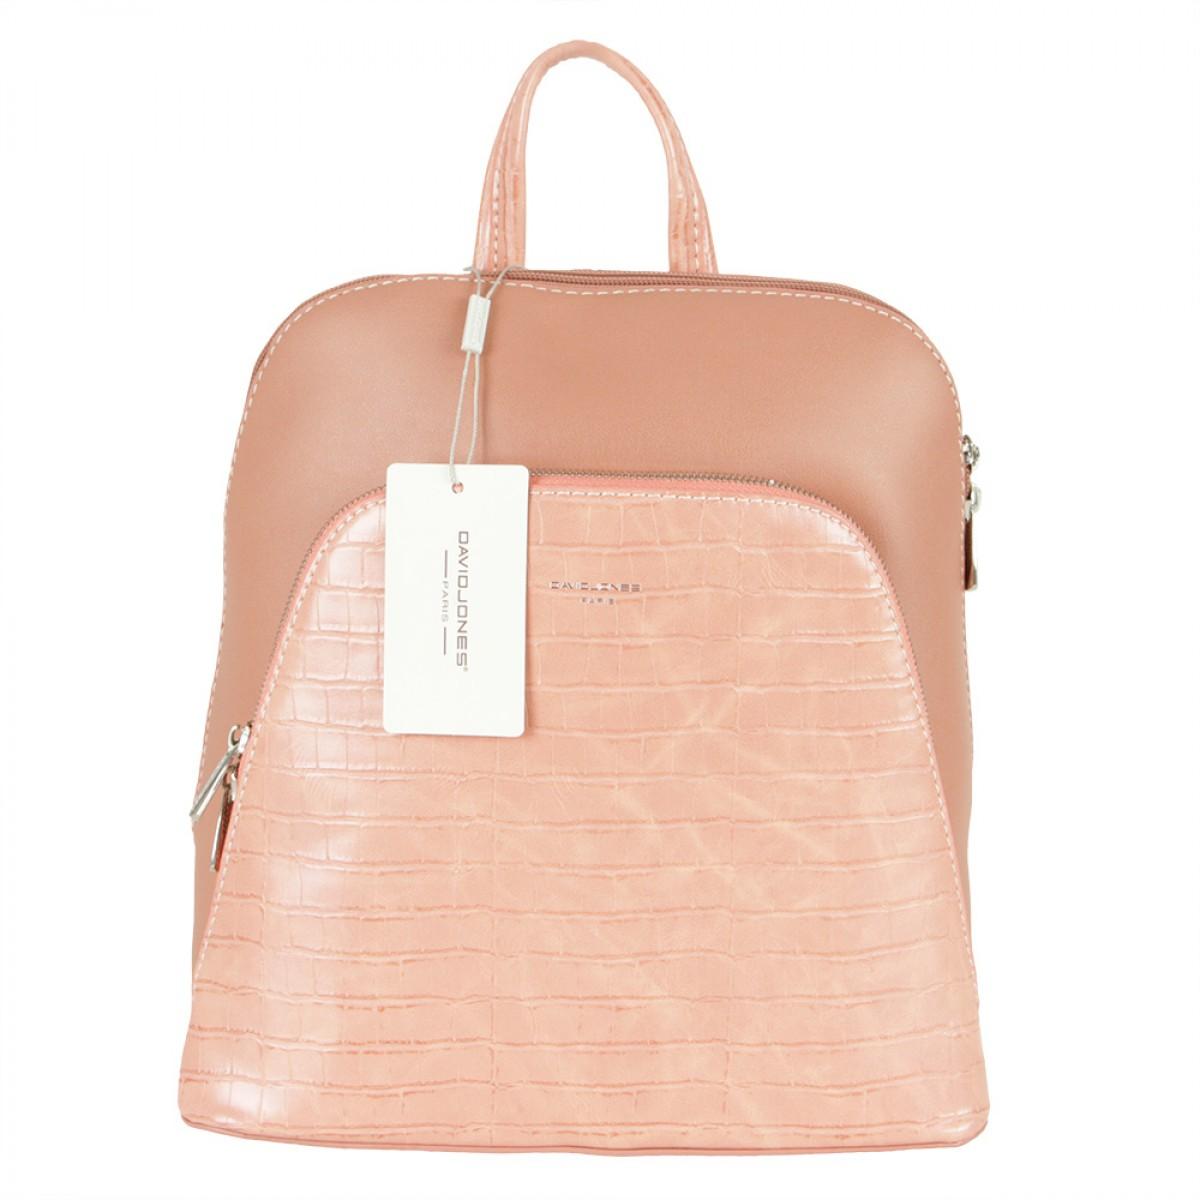 Жіночий рюкзак David Jones CM5615 CORAL